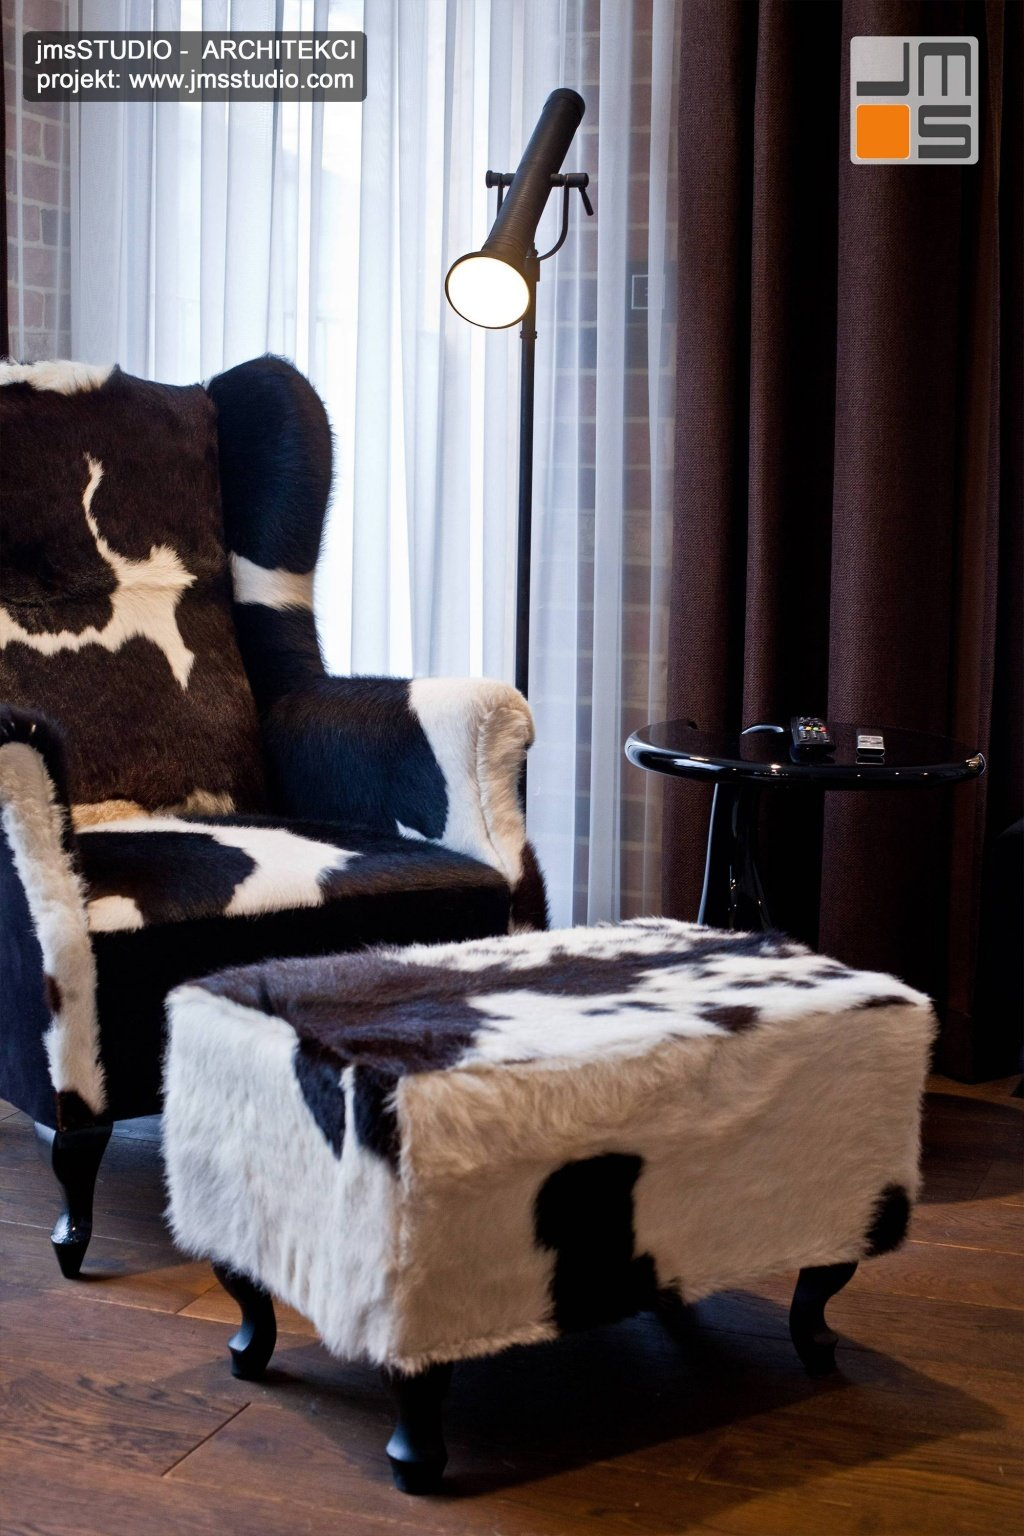 Projekt wnętrz kącika do czytania to designerski fotel i pufa skórzana oraz podłoga dąb wędzony olejowana dla eleganckie wnętrze rustykalne